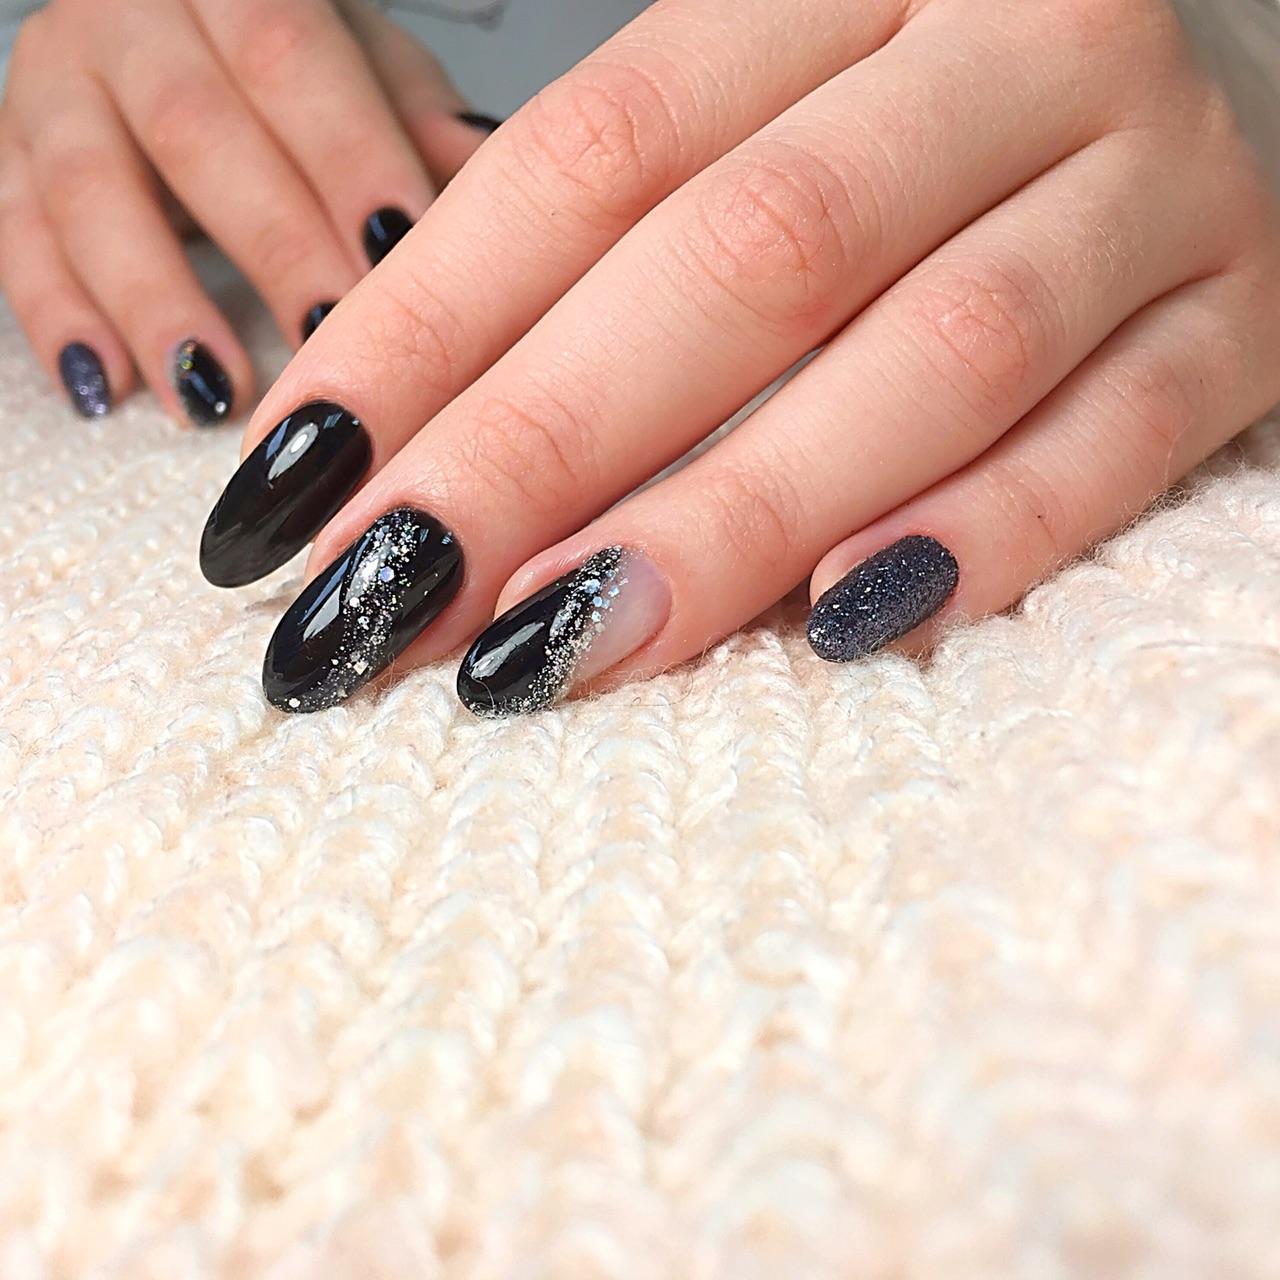 Маникюр с серебряными блестками в черном цвете.